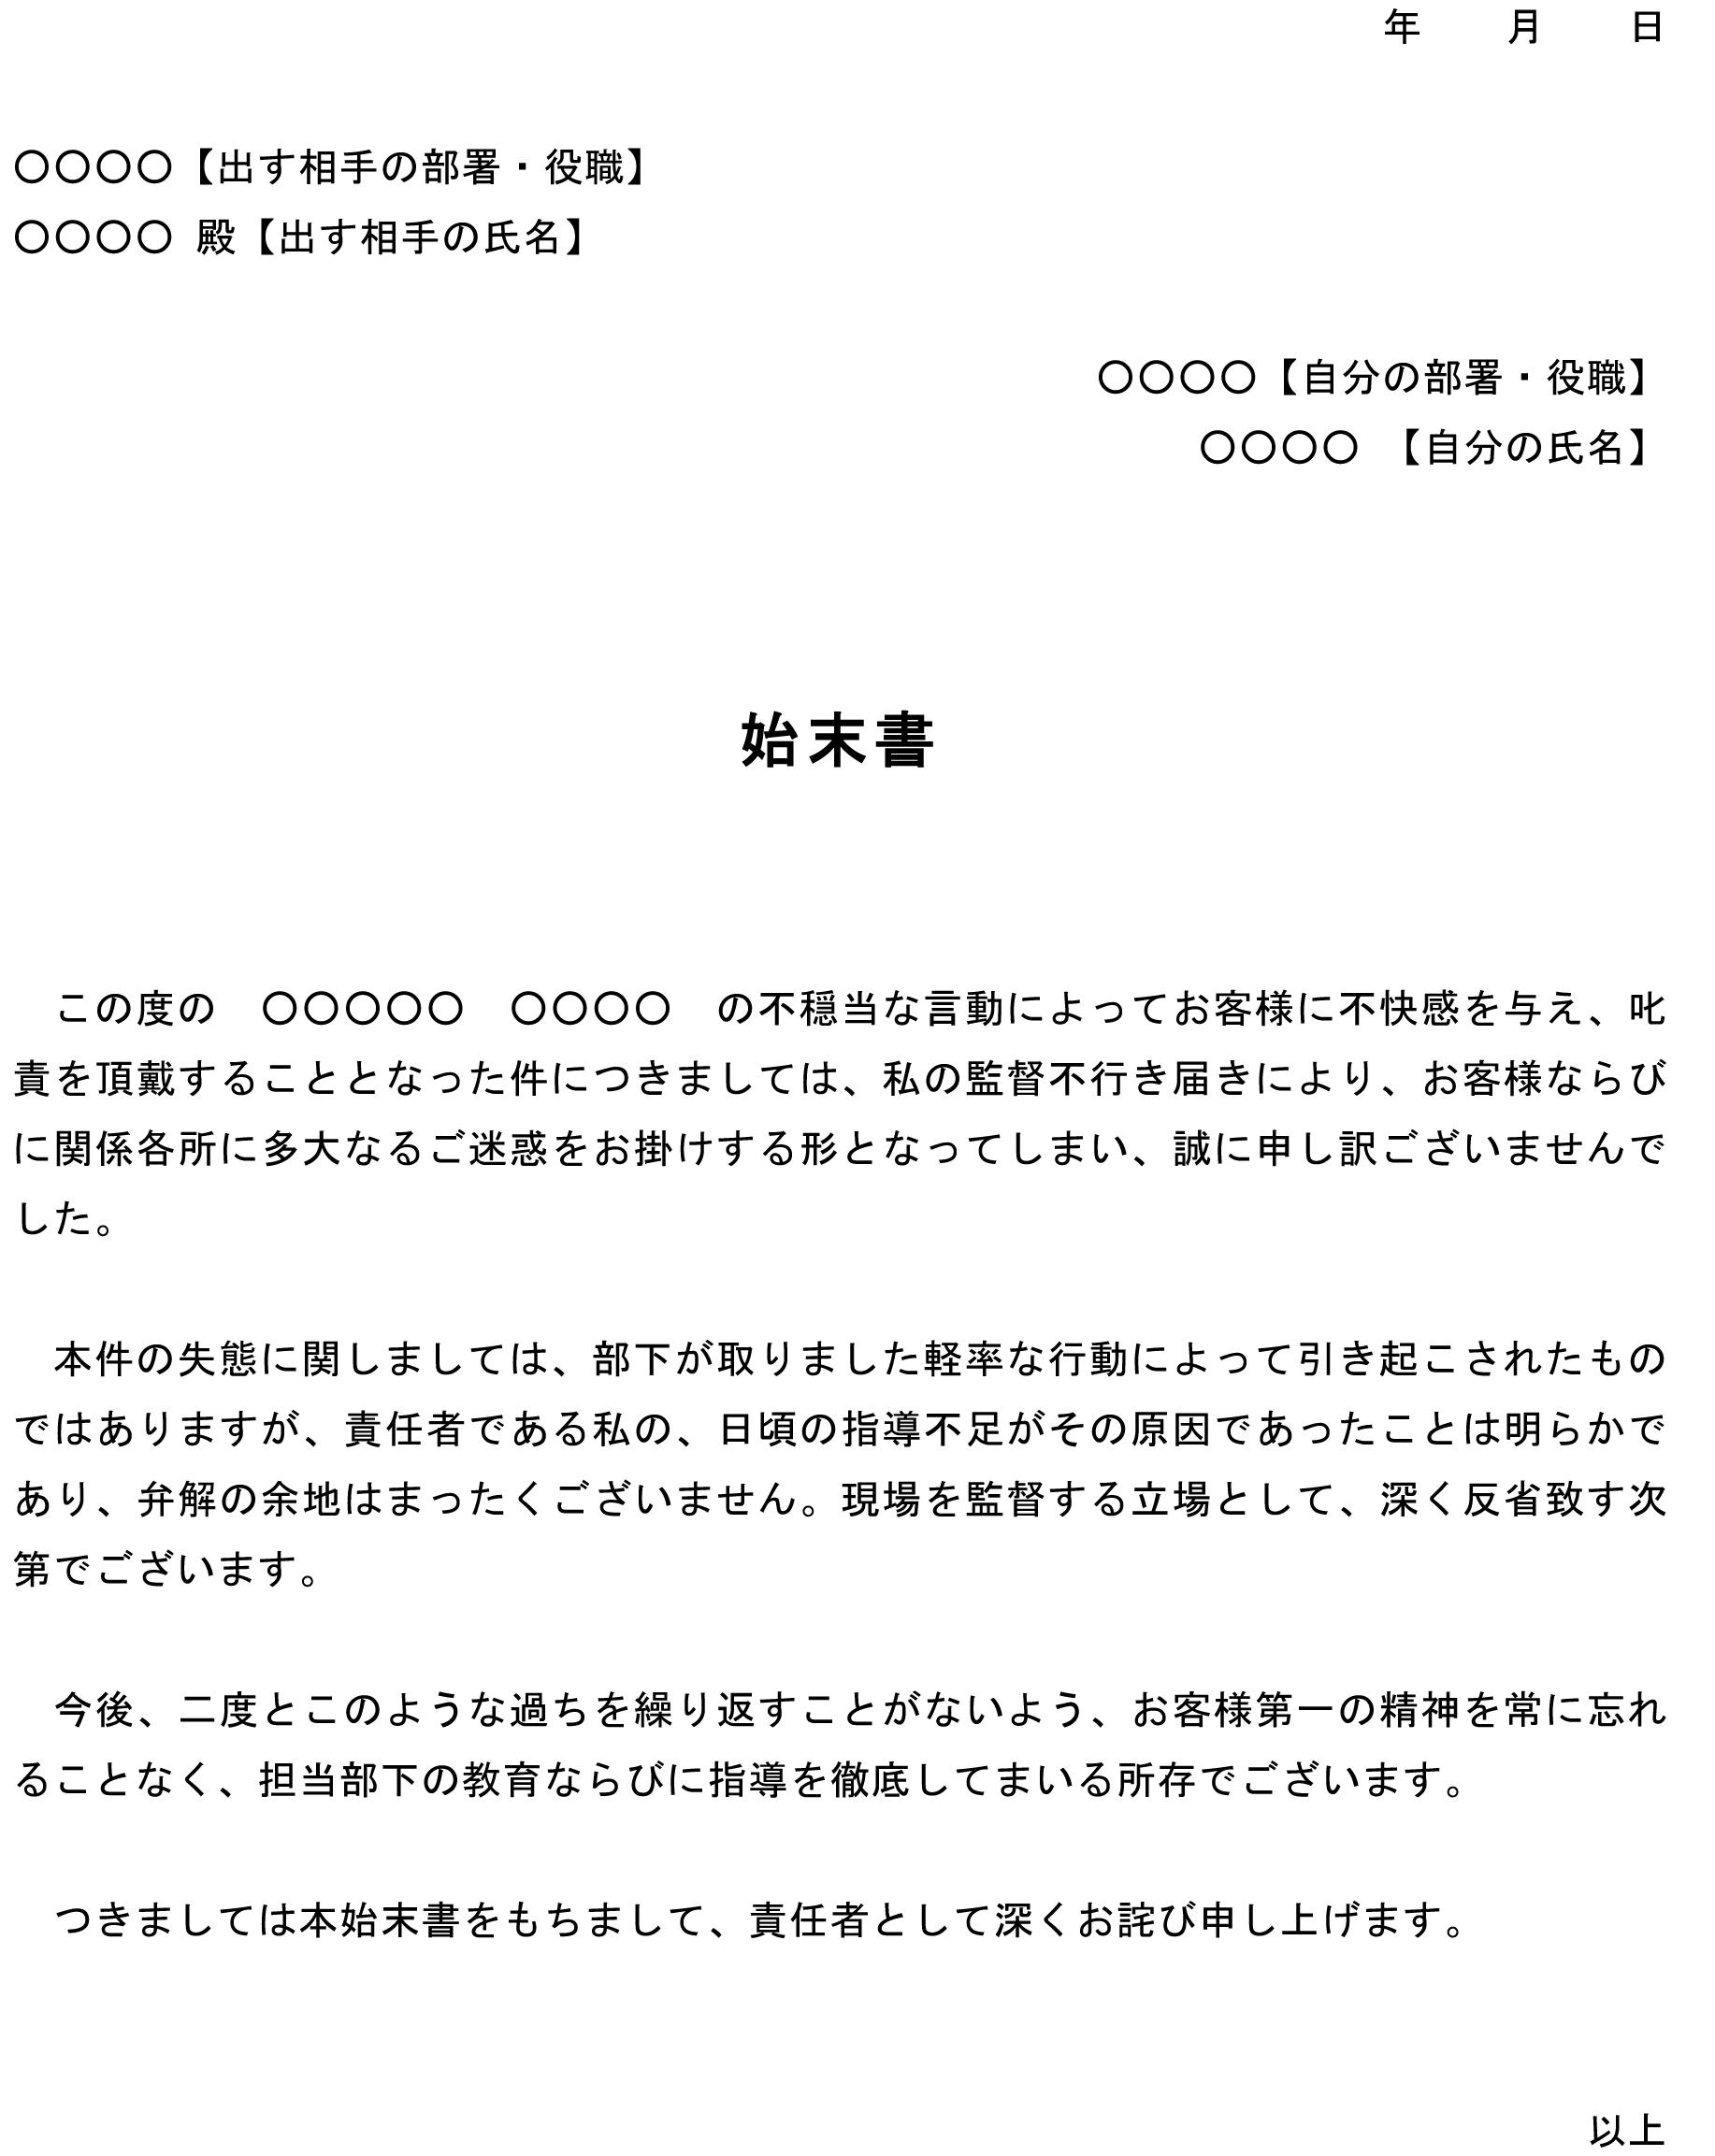 始末書(お客様からのクレーム)01